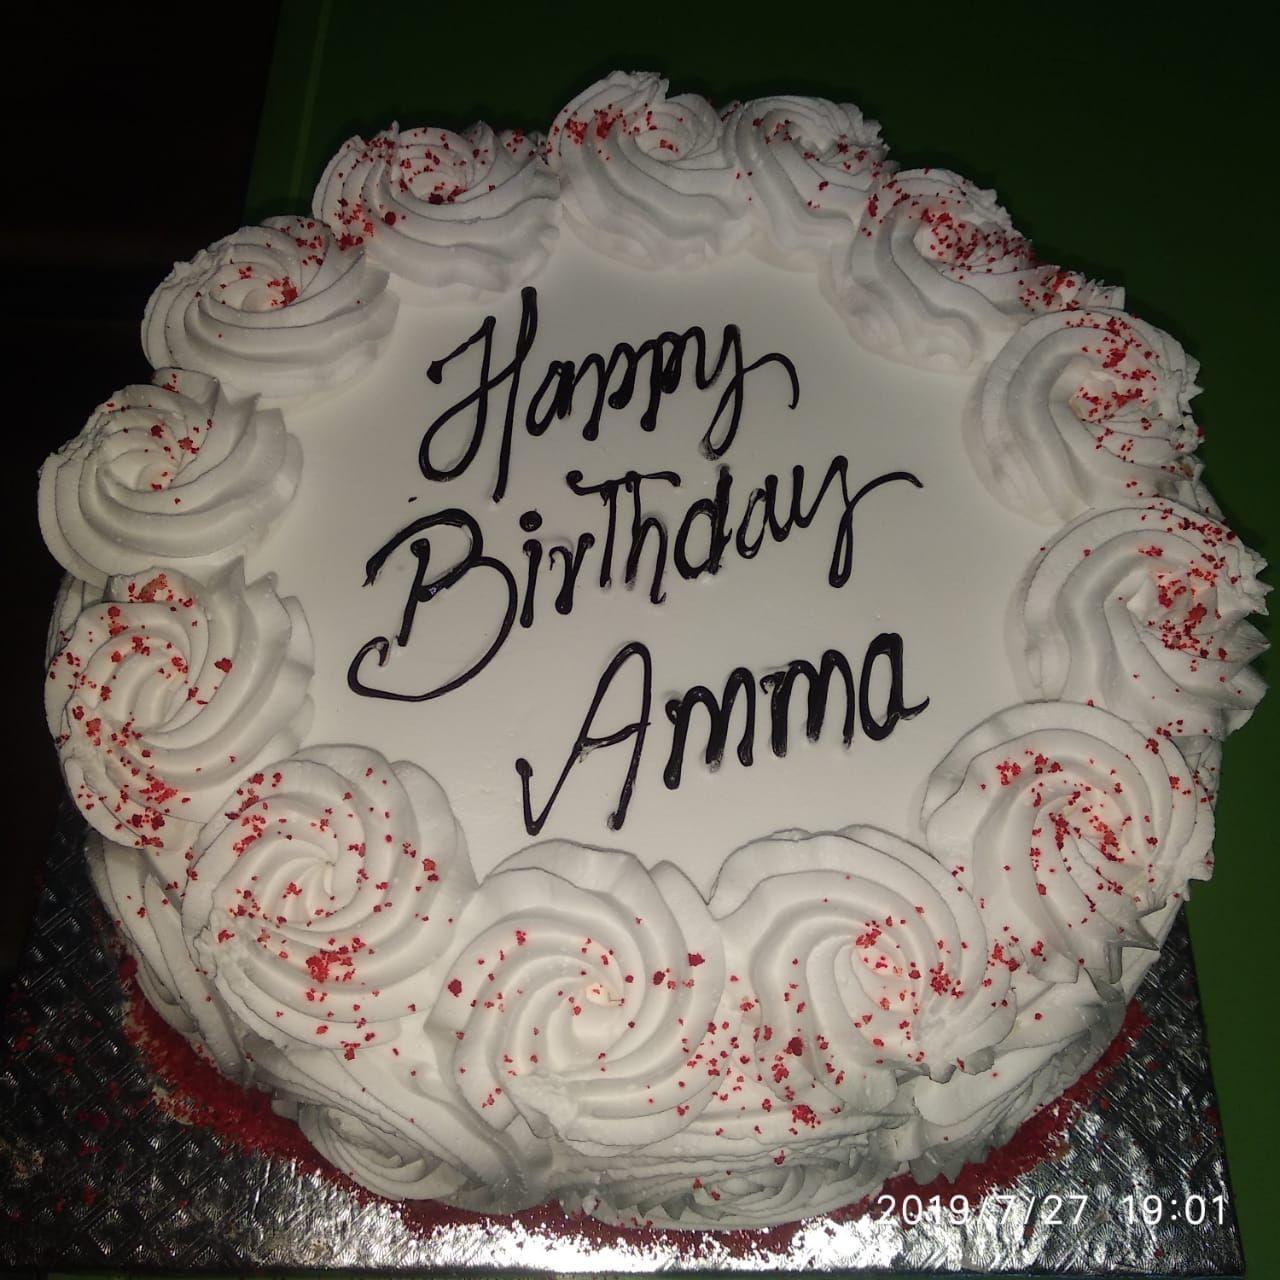 Red Velvet Cake for Mother Birthday, Surprise her on